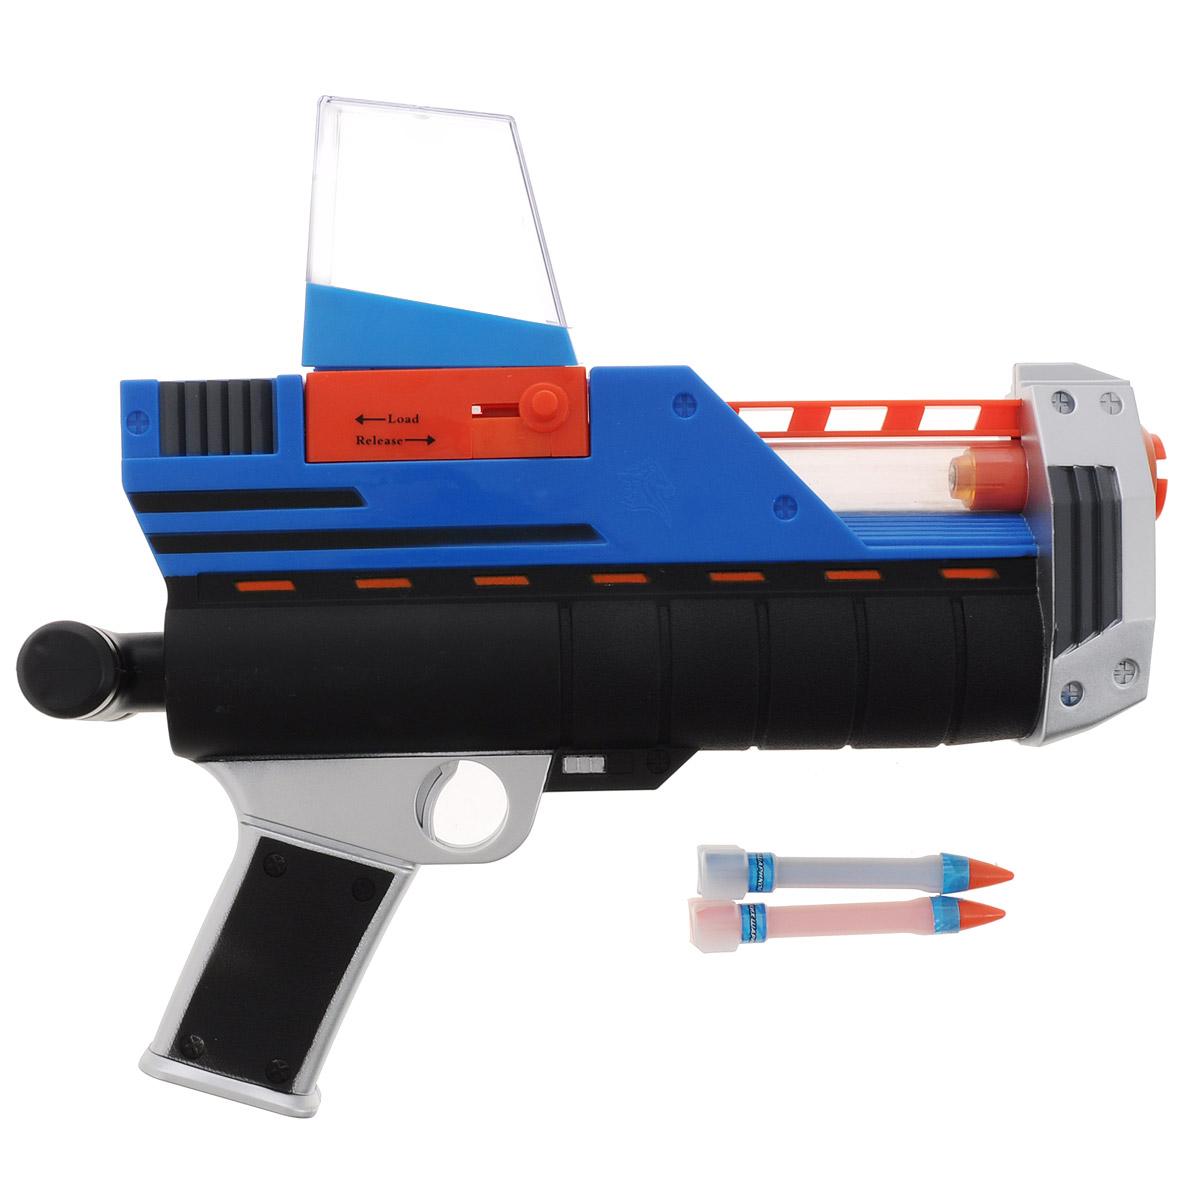 Бластер Mioshi Army Морской десант, цвет: синий, черныйMAR1106-003Бластер Mioshi Army Морской десант безусловно, понравится любому мальчишке, который любит играть в войнушки и стрелялки. Автомат с настоящим лазерным прицелом стреляет безопасными гелевыми пульками, которые идут в комплекте в количестве 1000 штук. Яркий урбанистический дизайн так же не может не порадовать современного ребенка, он обязательно привлечет внимание в купе с разнообразием набора и его функционалом, делая вашего ребенка настоящим героем двора. Можно играть как в большой компании, так и одному, создав импровизированные мишени. В набор входит 1000 гелевых шариков. Длина бластера - 35 см.